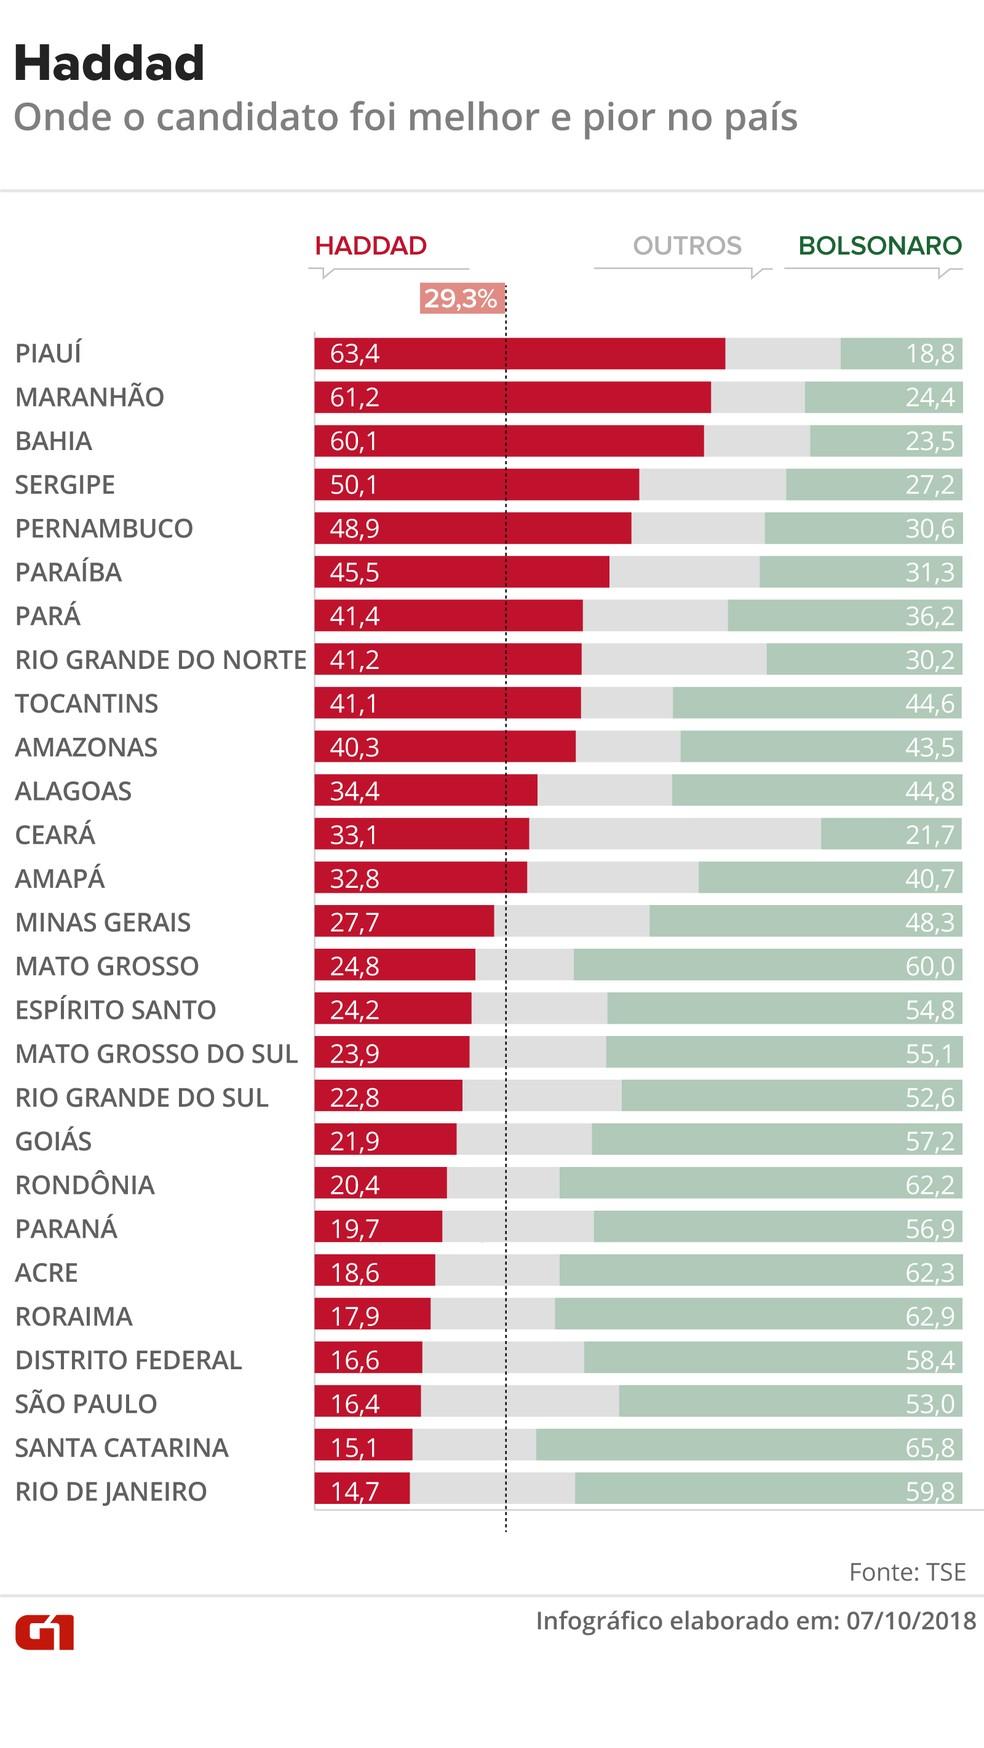 Percentual dos votos válidos de Bolsonaro e Haddad, por estado — Foto: Rodrigo Cunha/G1